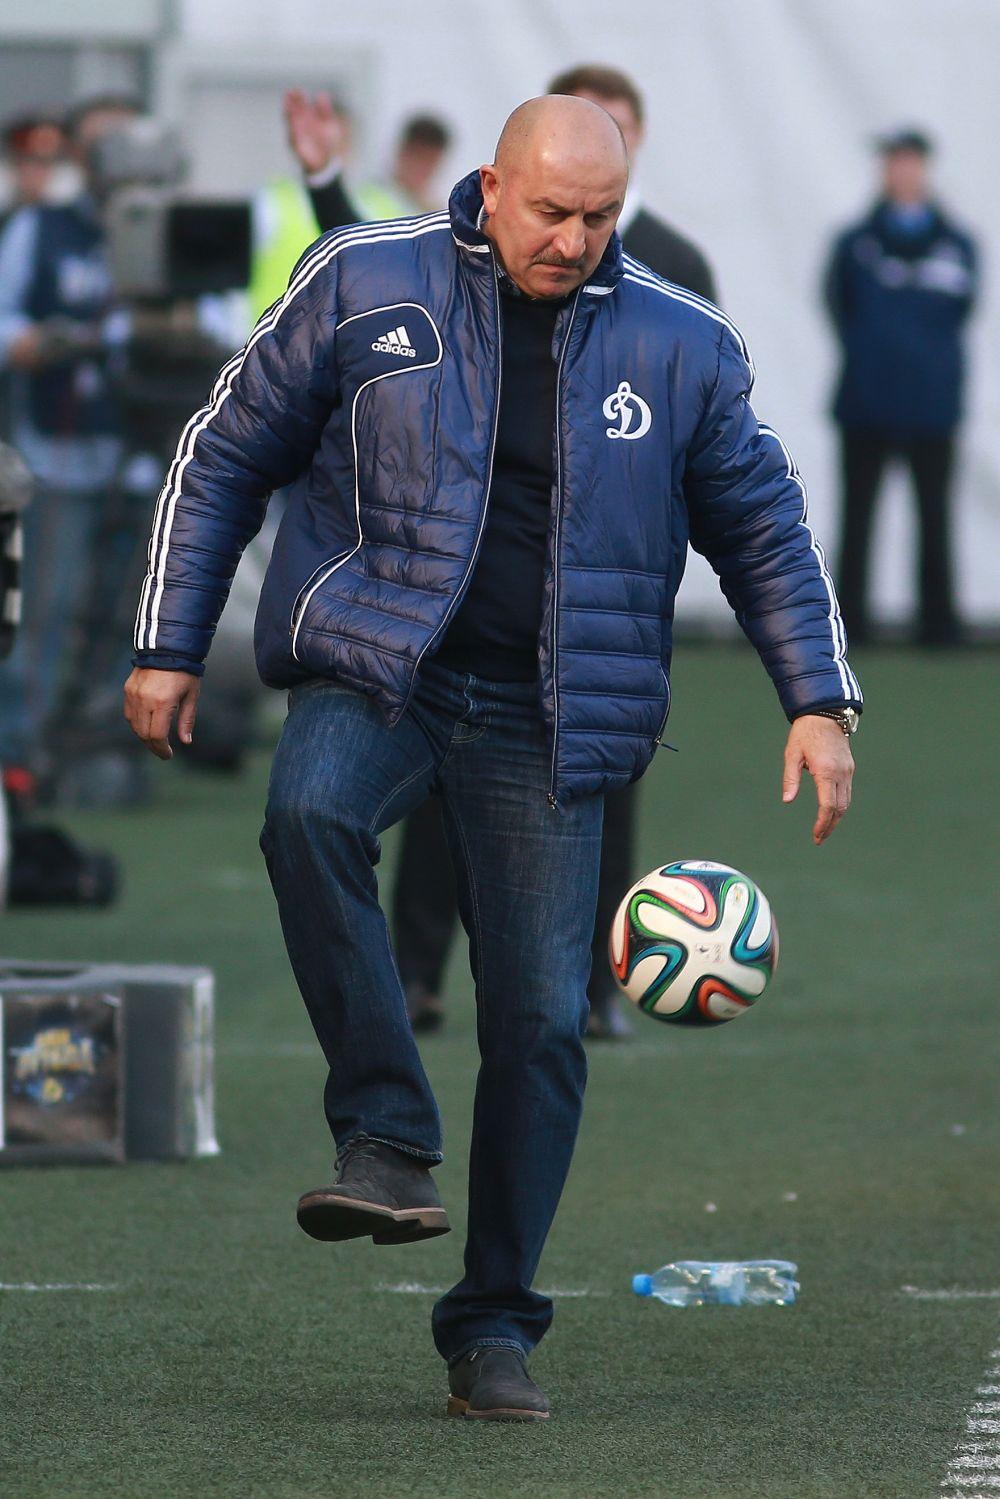 Среди тренерских достижений Черчесова — вывод клуба «Ваккер-Тироль» в высшую лигу чемпионата Австрии, а также серебро московского «Спартака», завоёванное им в чемпионате страны 2007 года.